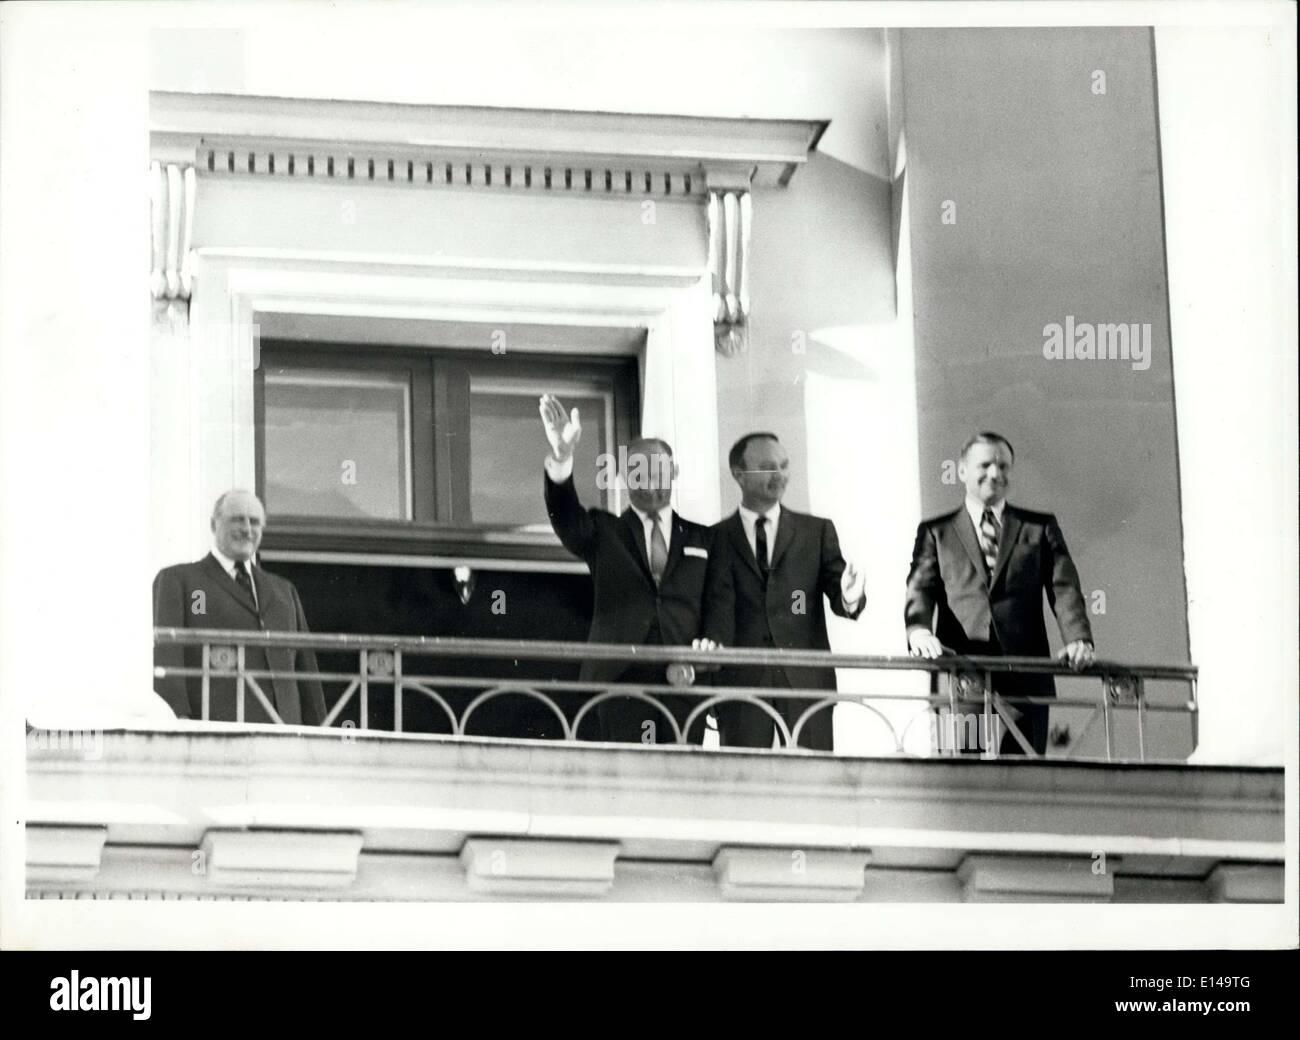 Apr. 17, 2012 - H.M. Il Re Olav V di Norvegia ha dato un ricevimento in onore dei tre astronauti Neil Armstrong e Edwin Aldrin e Michael Collins durante la loro permanenza a Oslo la scorsa settimana. Migliaia di persone sono andate al Palazzo Reale per celebrare gli uomini coraggiosi. Immagini Stock